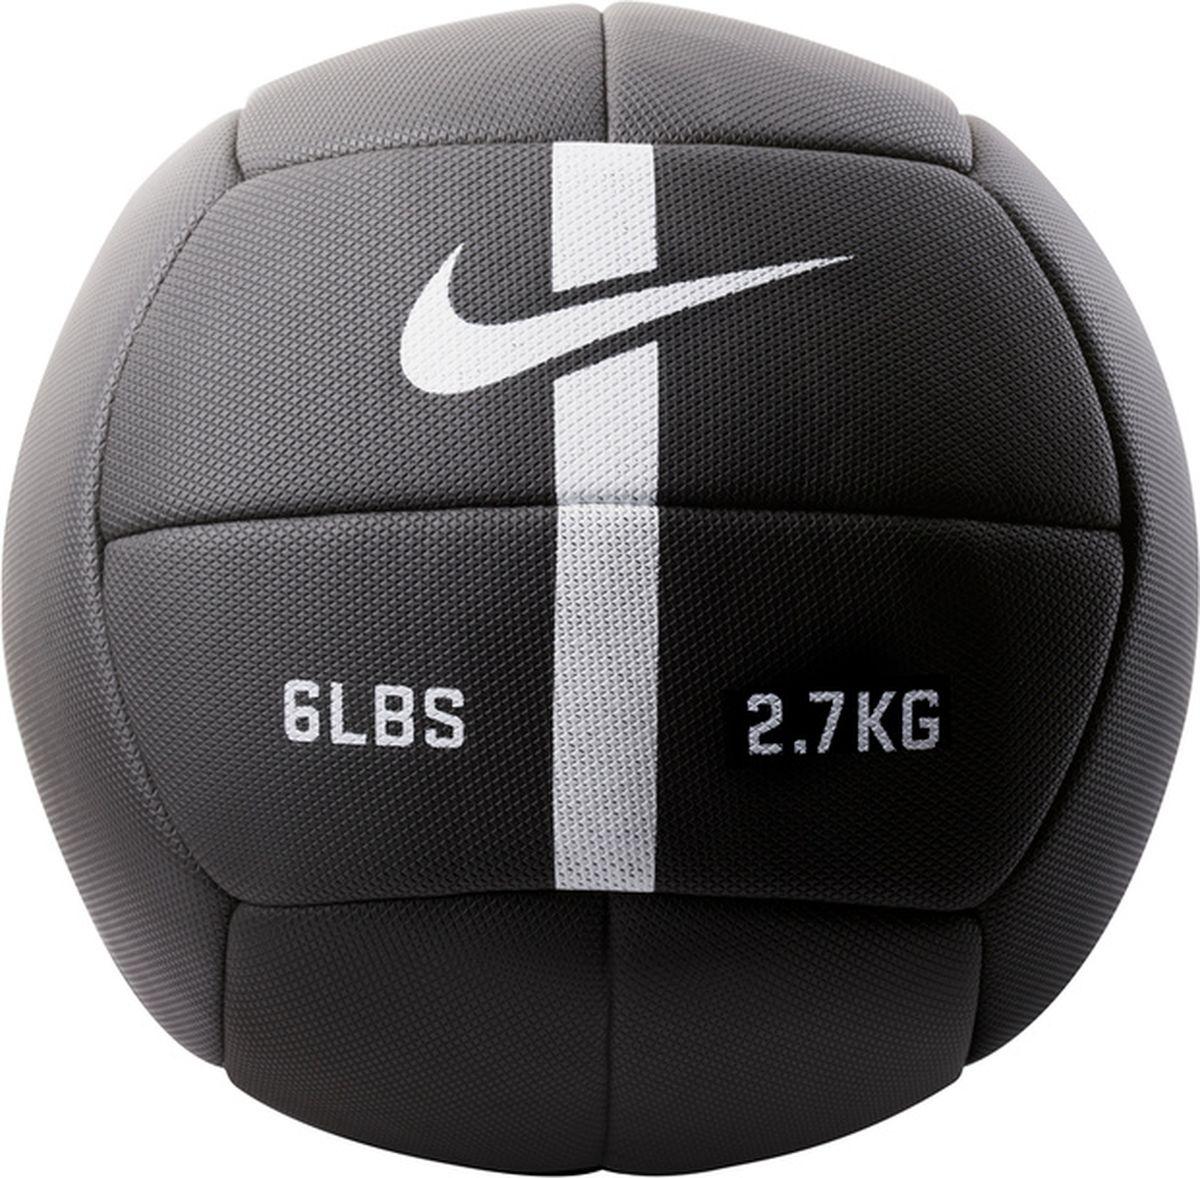 Мяч для фитнеса Nike Strength Training Ball, цвет: черный, белый. N.EW.04.010.NSN.EW.04.010.NSСверхпрочное покрытие полиуретанового материала повышает сцепление, позволяет надежно контролировать мяч в руках во время тренировок. Развивает выносливость, силу, баланс, координацию и гибкость. Используется в функциональном тренинге. Идеален для упражнений на верхнюю и нижнюю чаституловища.